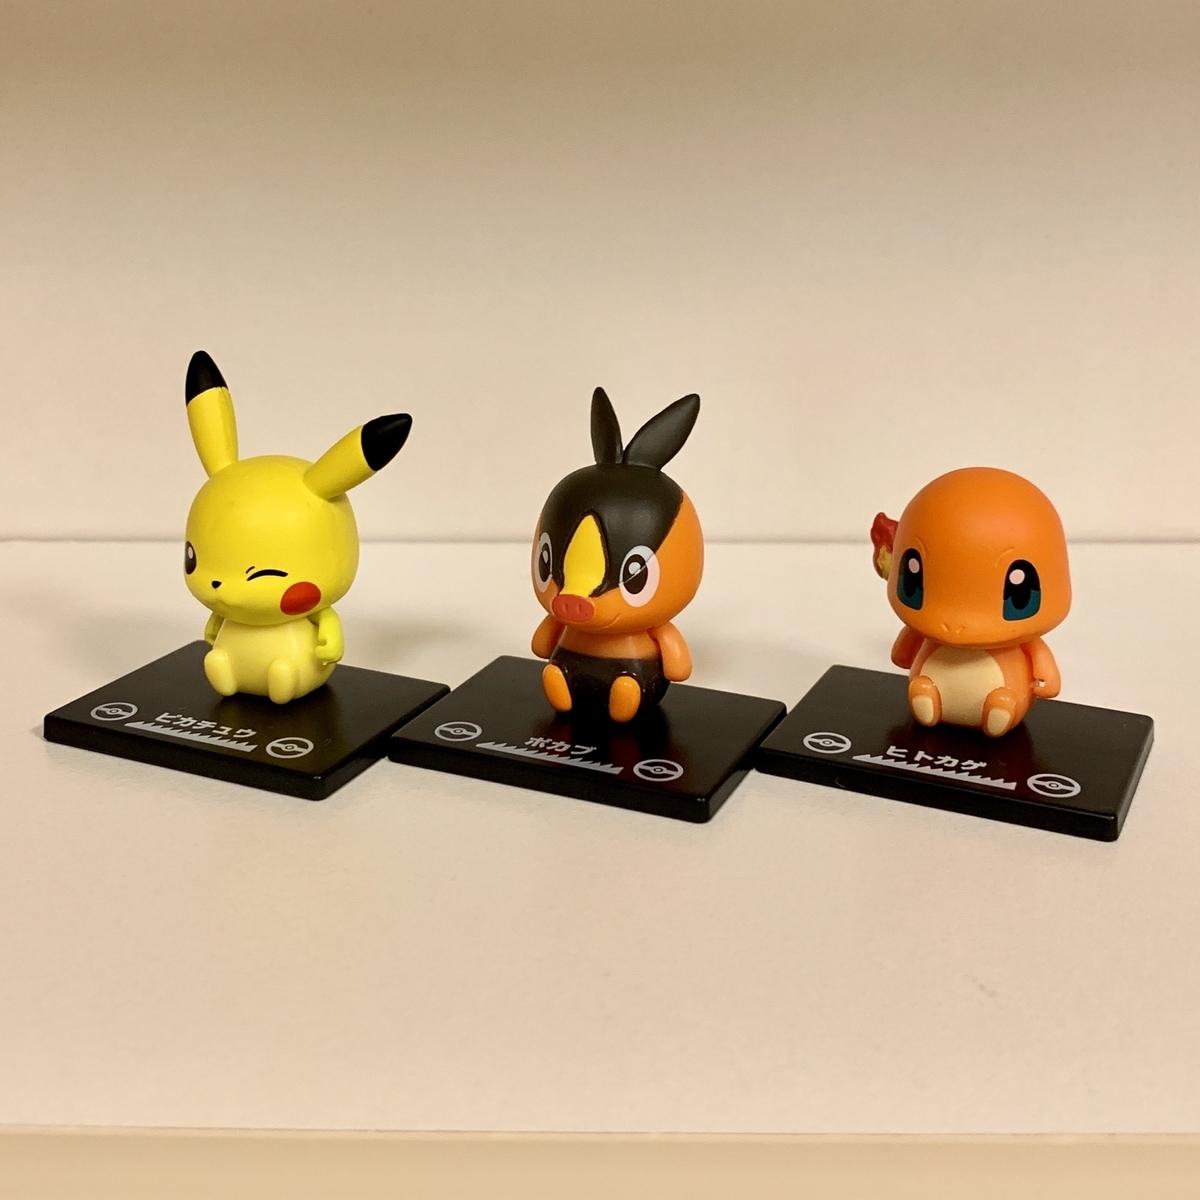 f:id:pikachu_pcn:20200123213659j:plain